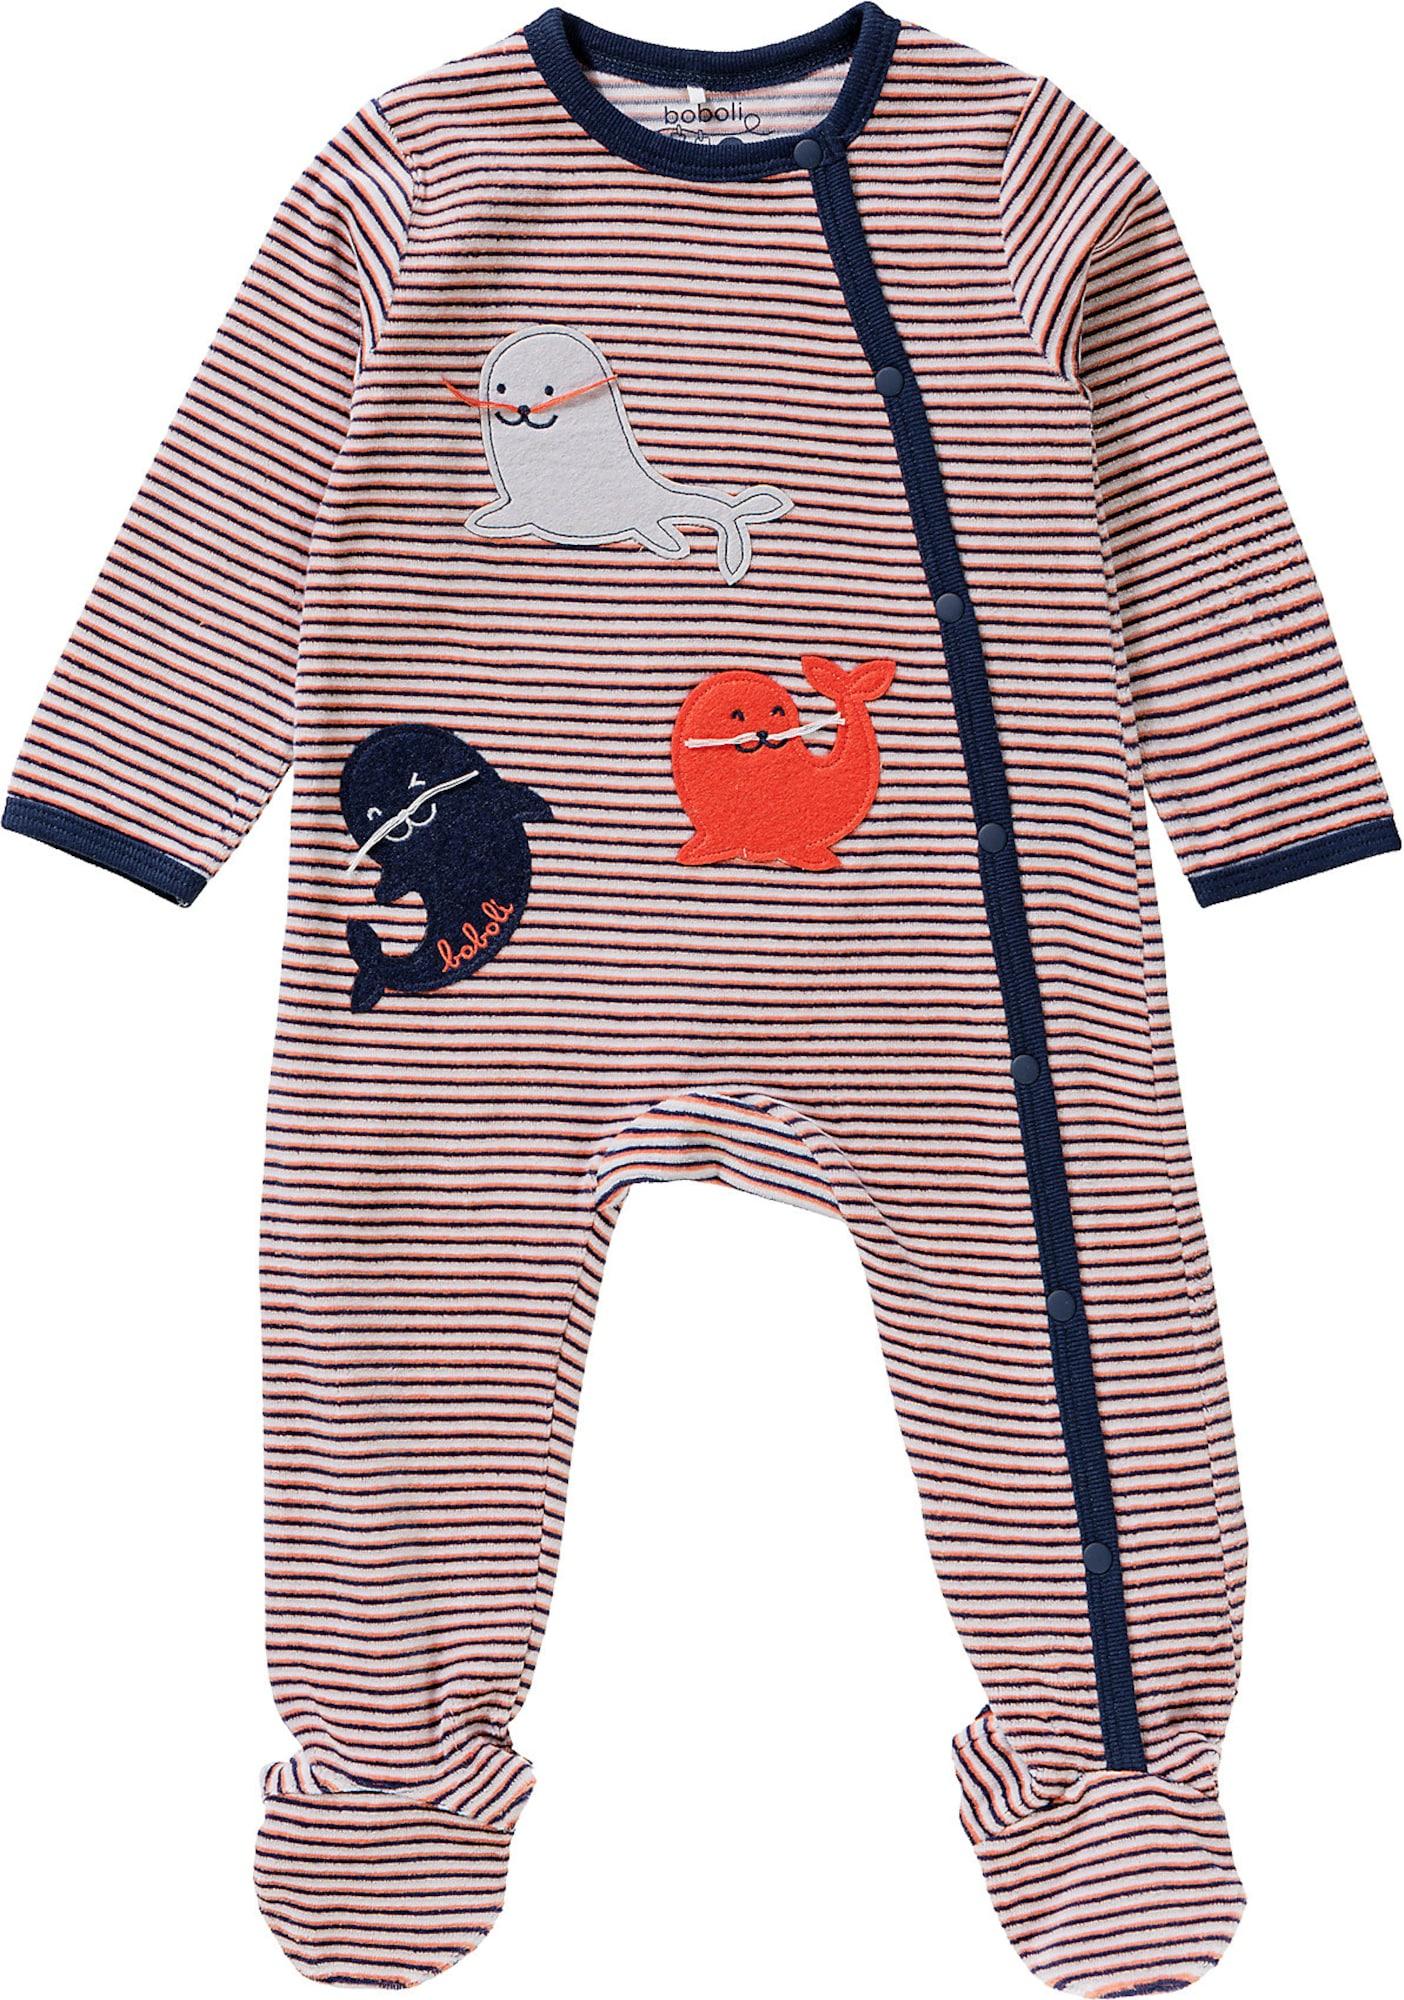 Boboli Miego kostiumas mišrios spalvos / šviesiai ruda / tamsiai mėlyna